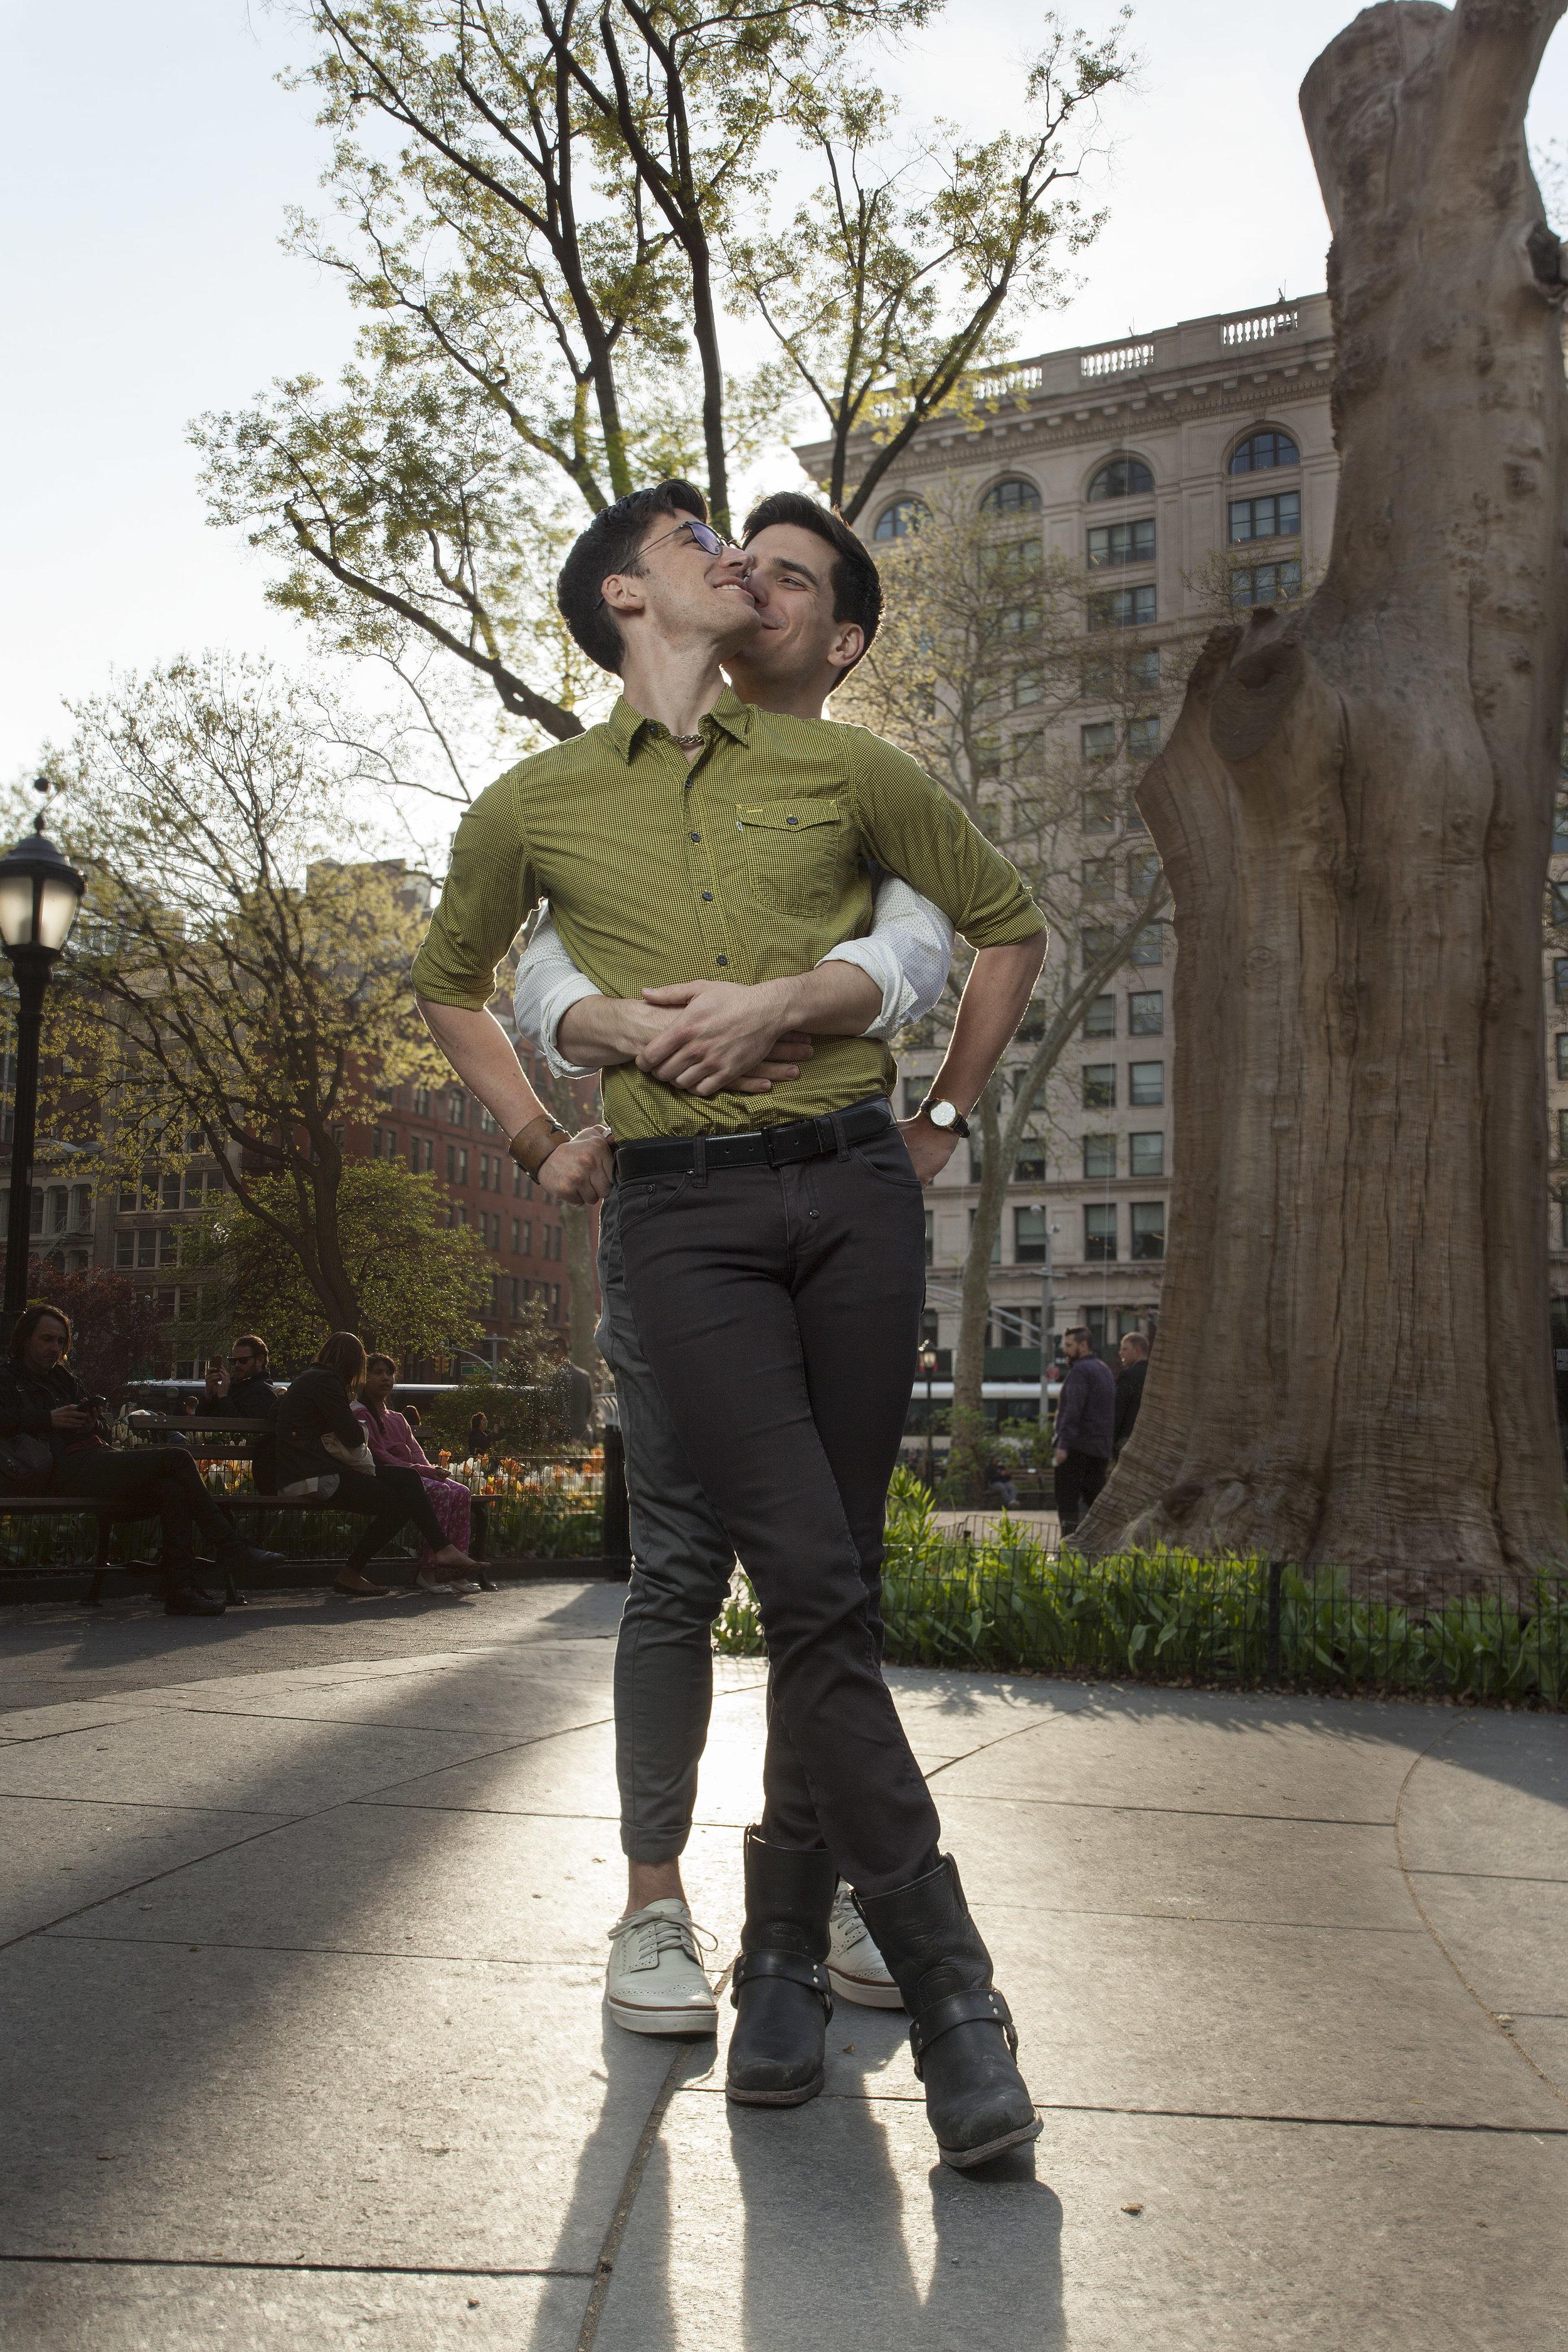 couples_huging.jpg